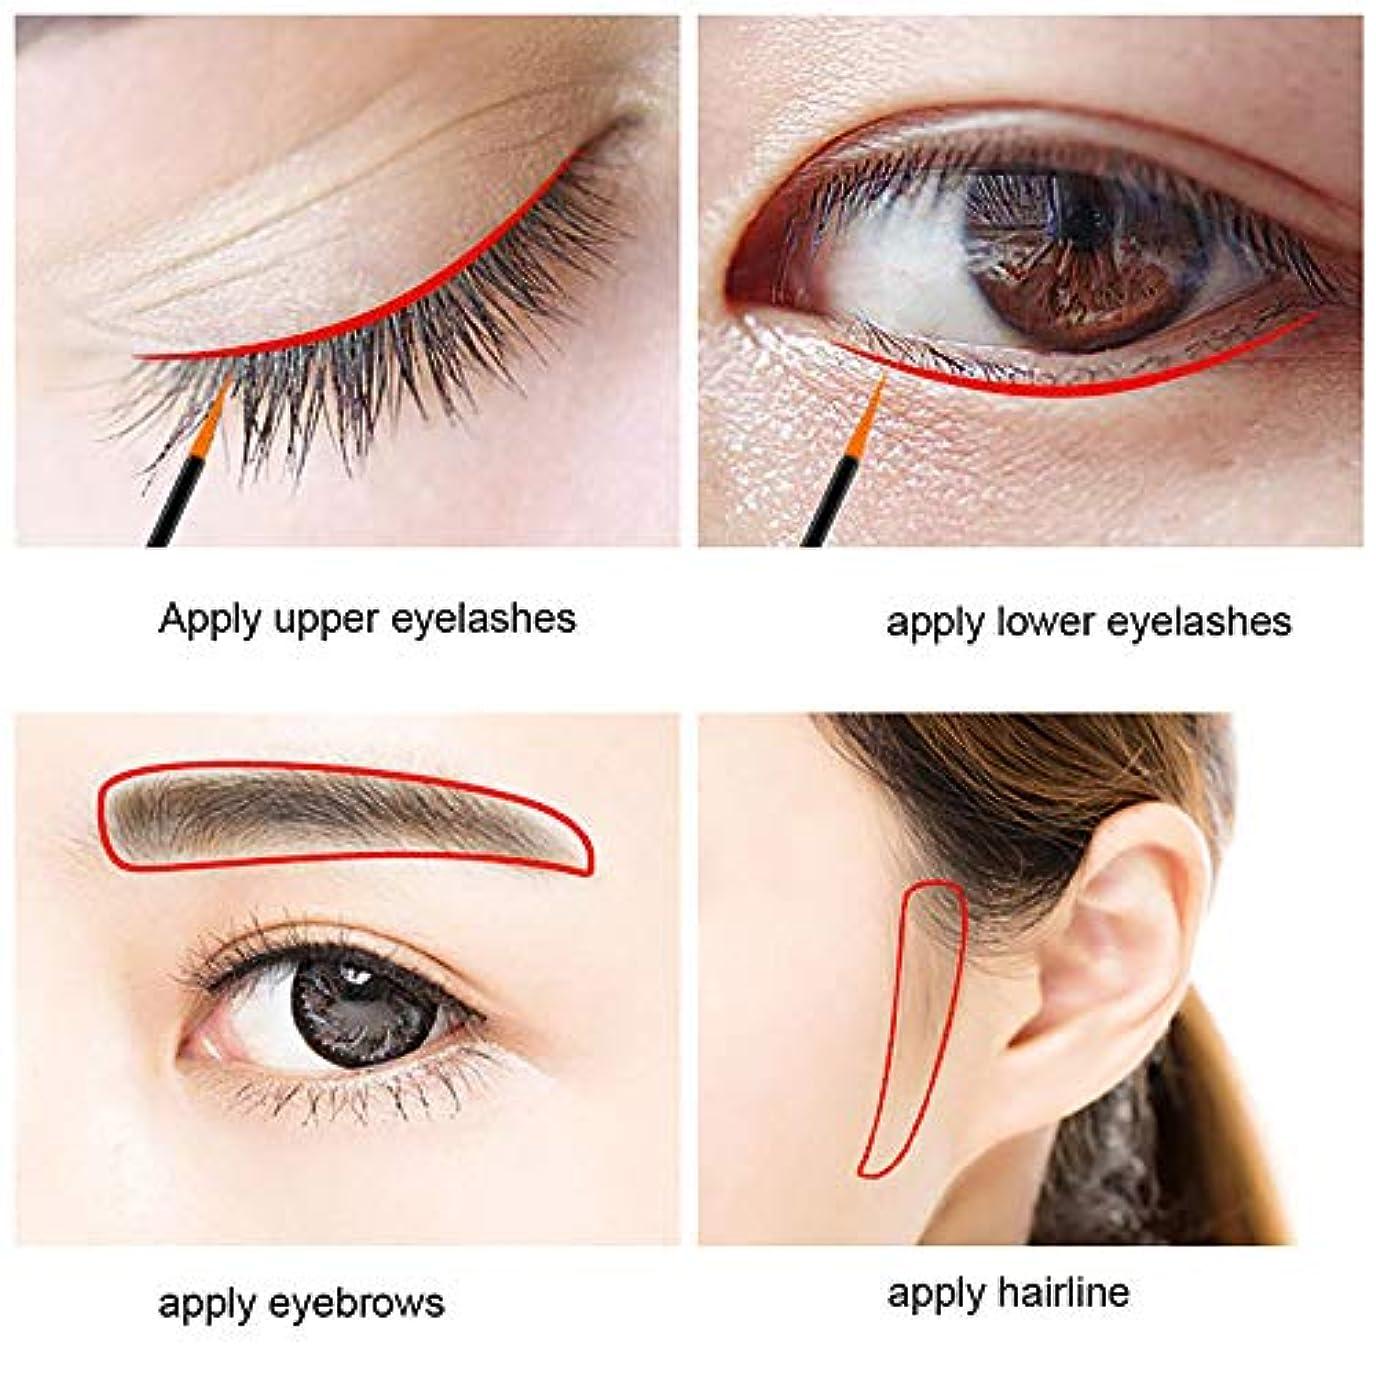 サイズデータム輸血眉毛まつげ速い急速な成長の液体エンハンサー栄養液栄養